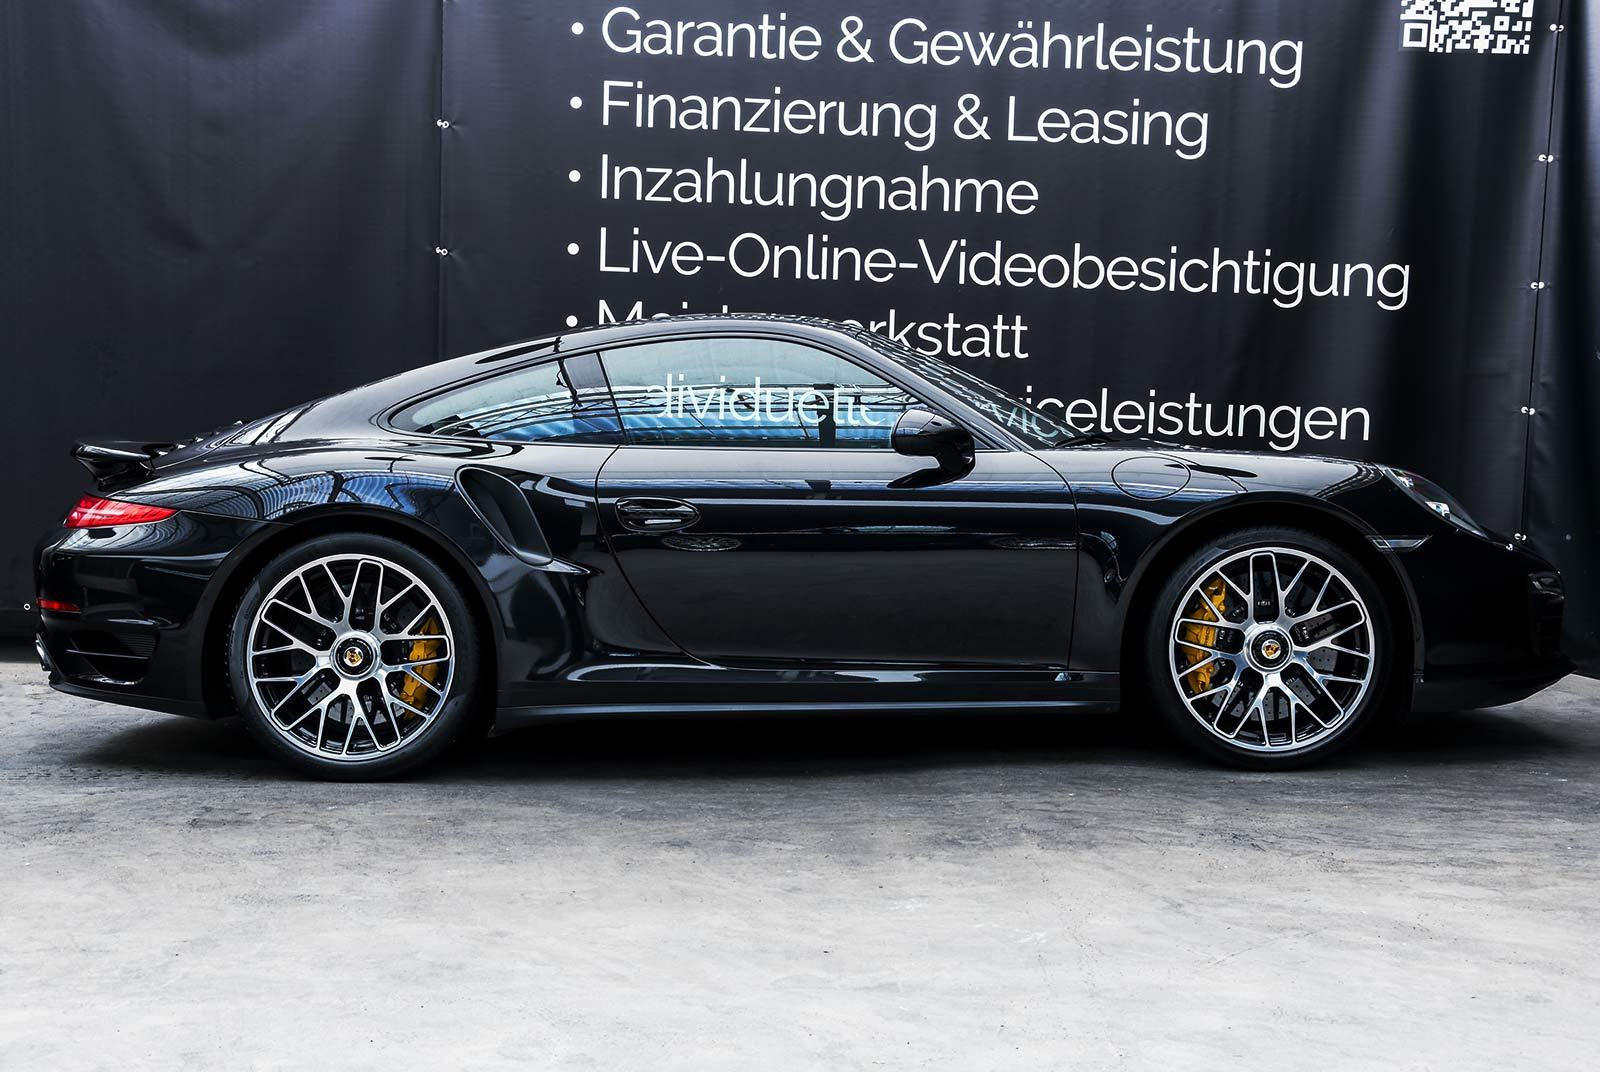 porsche_911_turbo_s_schwarz_schwarz_POR-2993_11